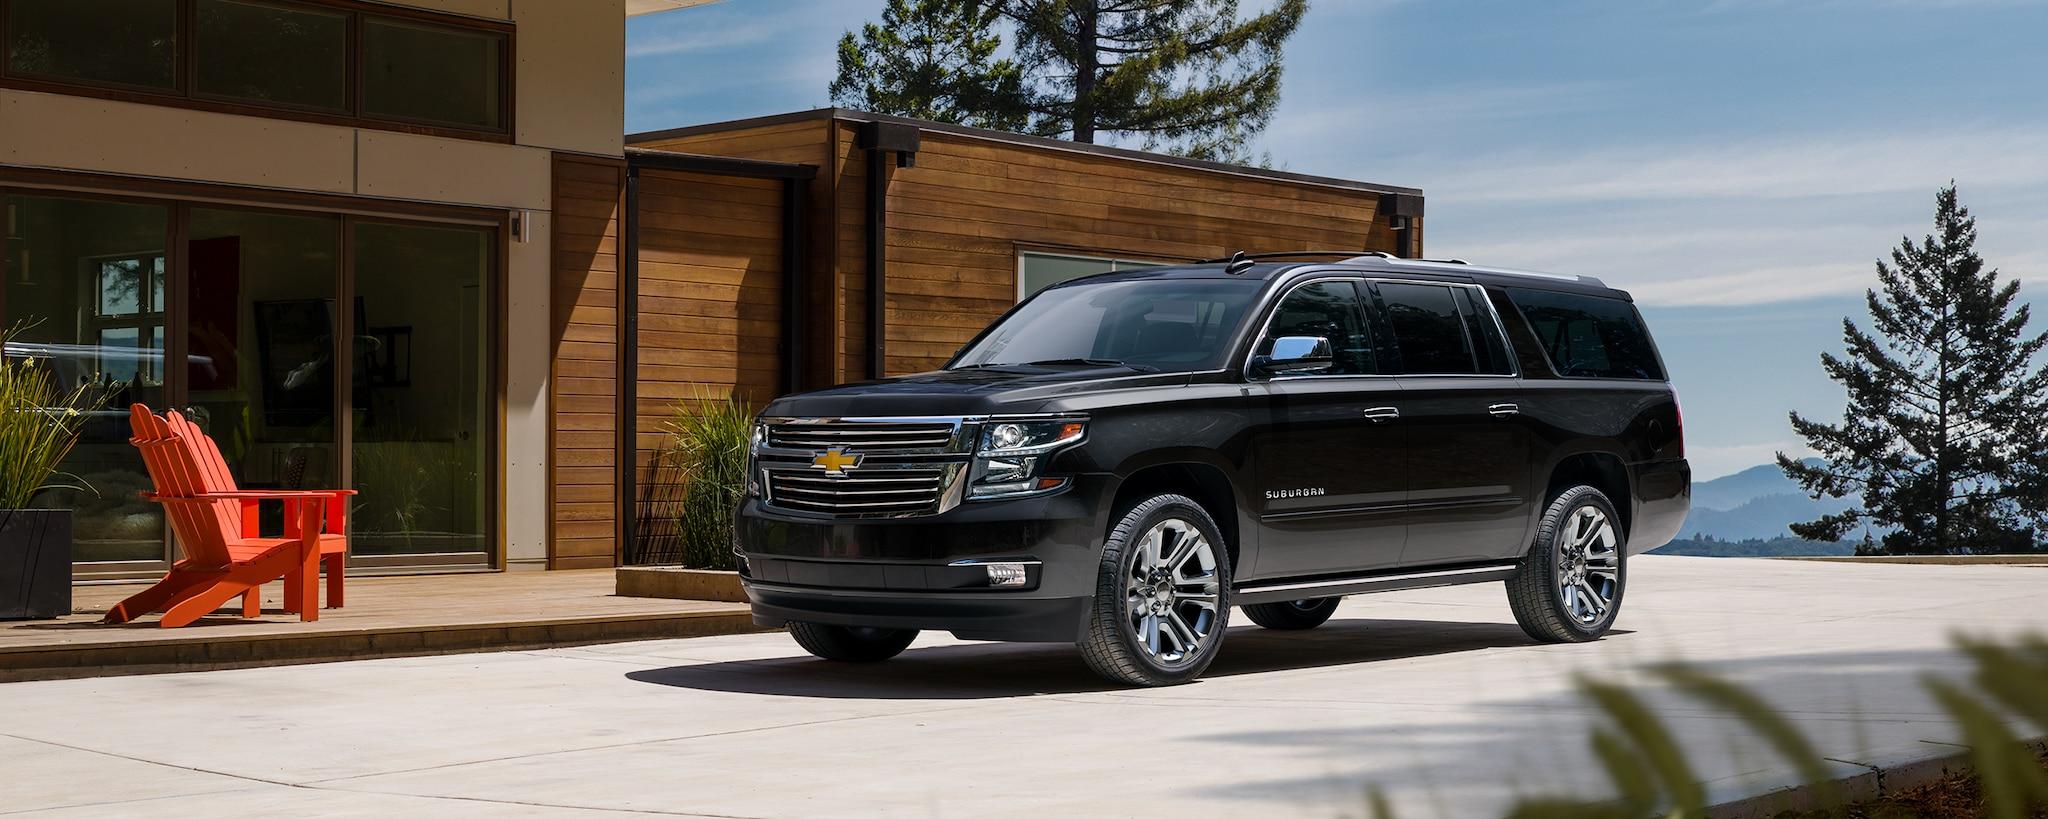 Chevy Suburban 2020 | SUV grande | Opciones de 7, 8 o 9 ...